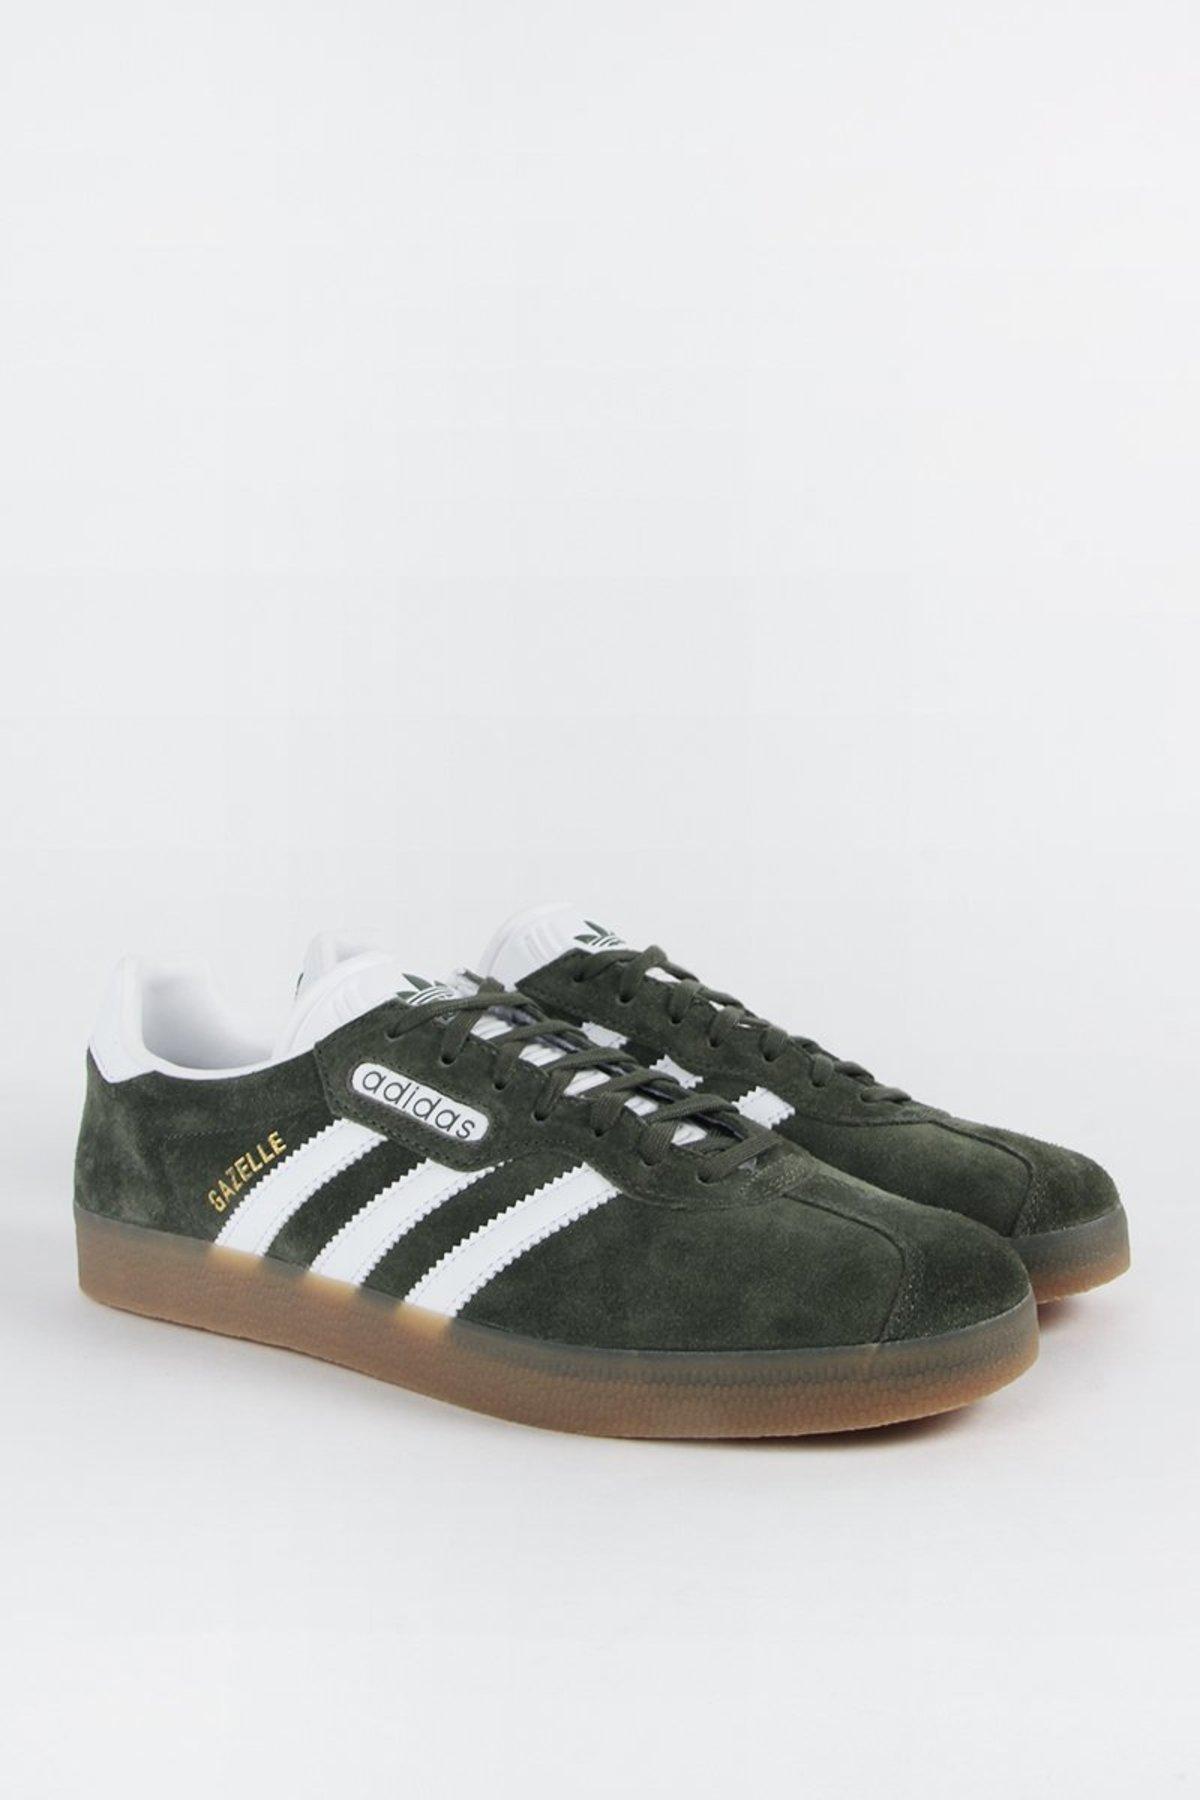 de5c6f689c6c Adidas Originals Gazelle Super - green gum